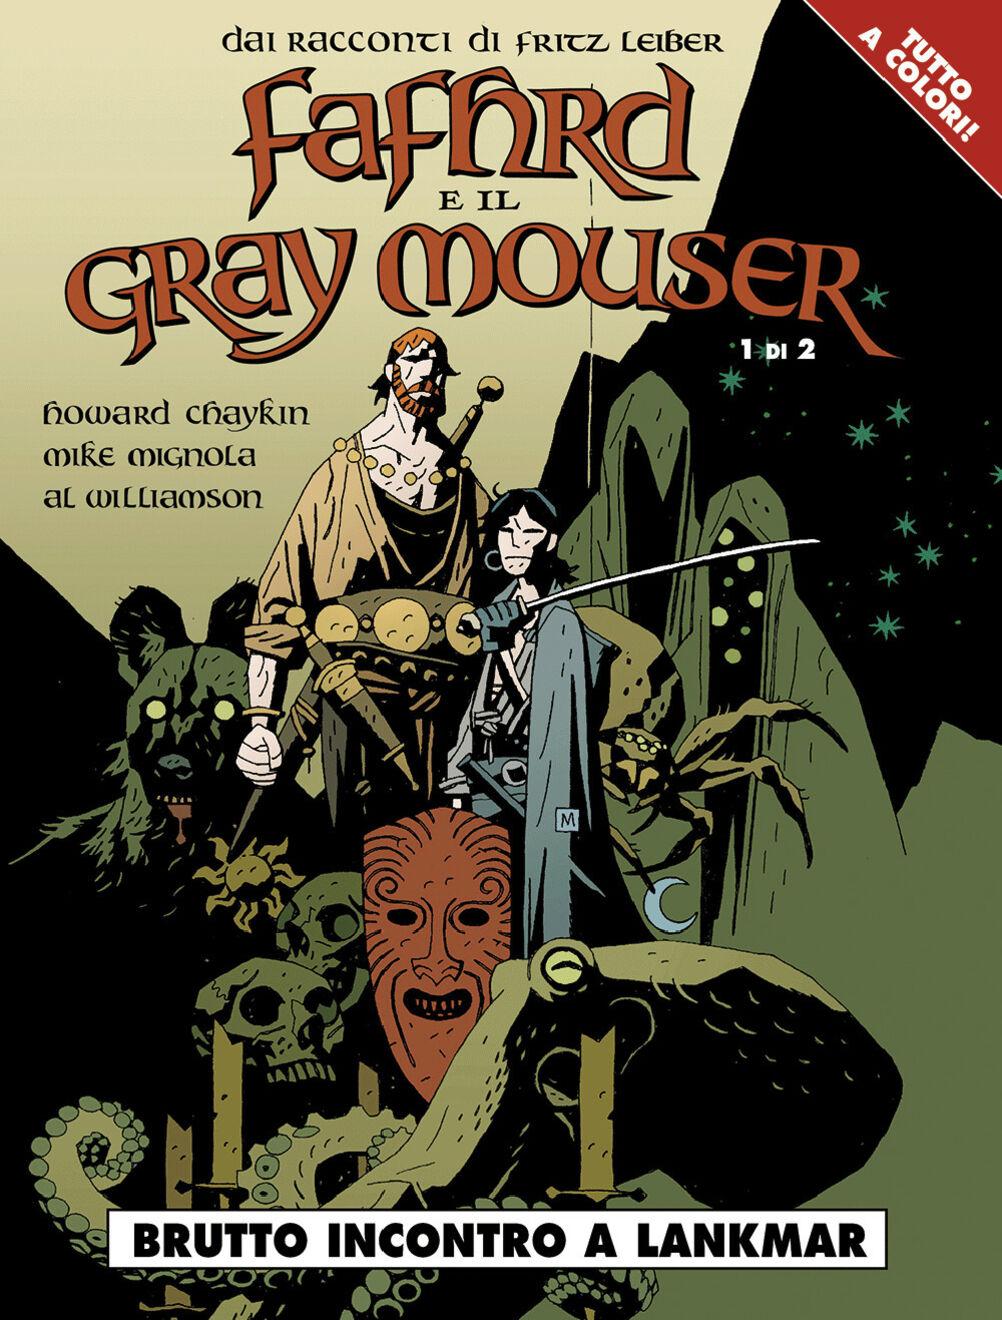 Brutto incontro a Lankmar. Fafhrd e il Gray Mouser. Vol. 1